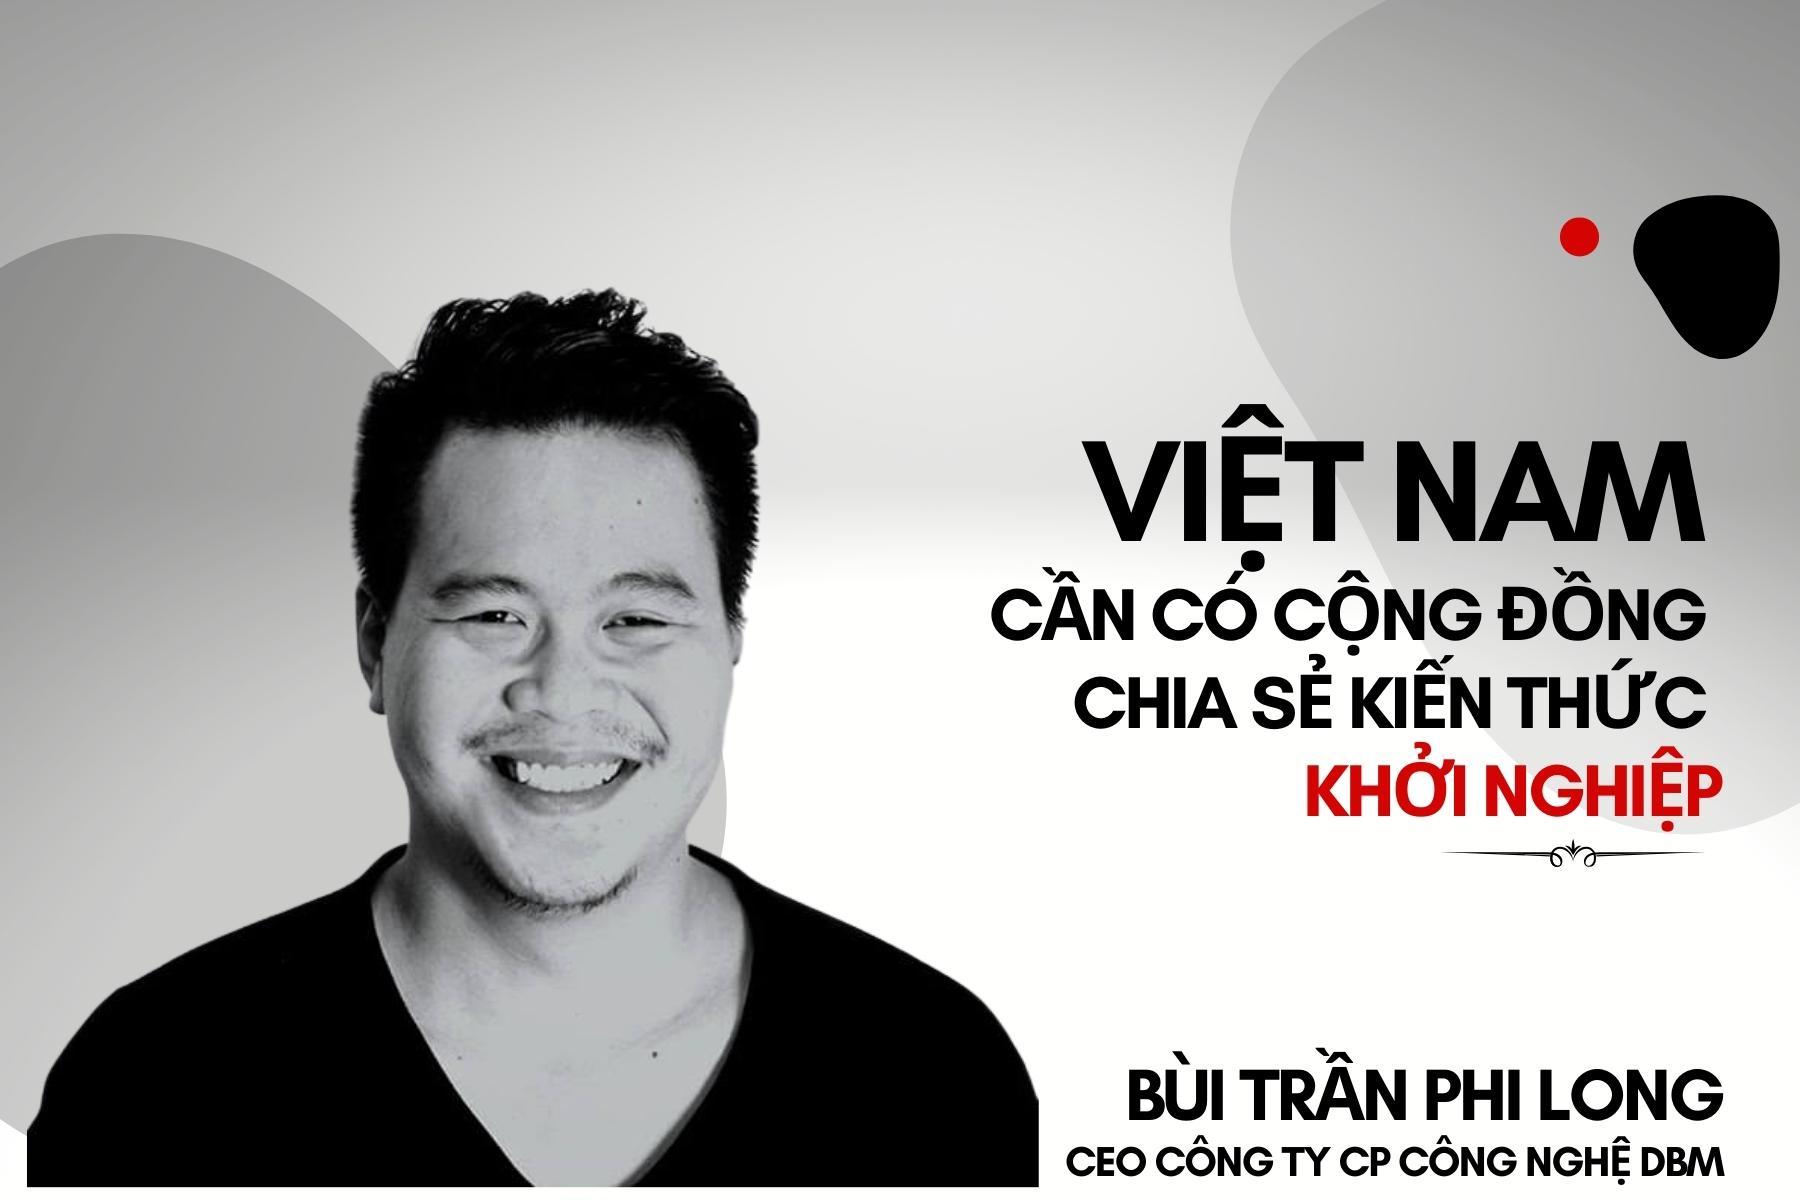 CEO Bùi Trần Phi Long: Việt Nam cần có cộng đồng chia sẻ kiến thức khởi nghiệp